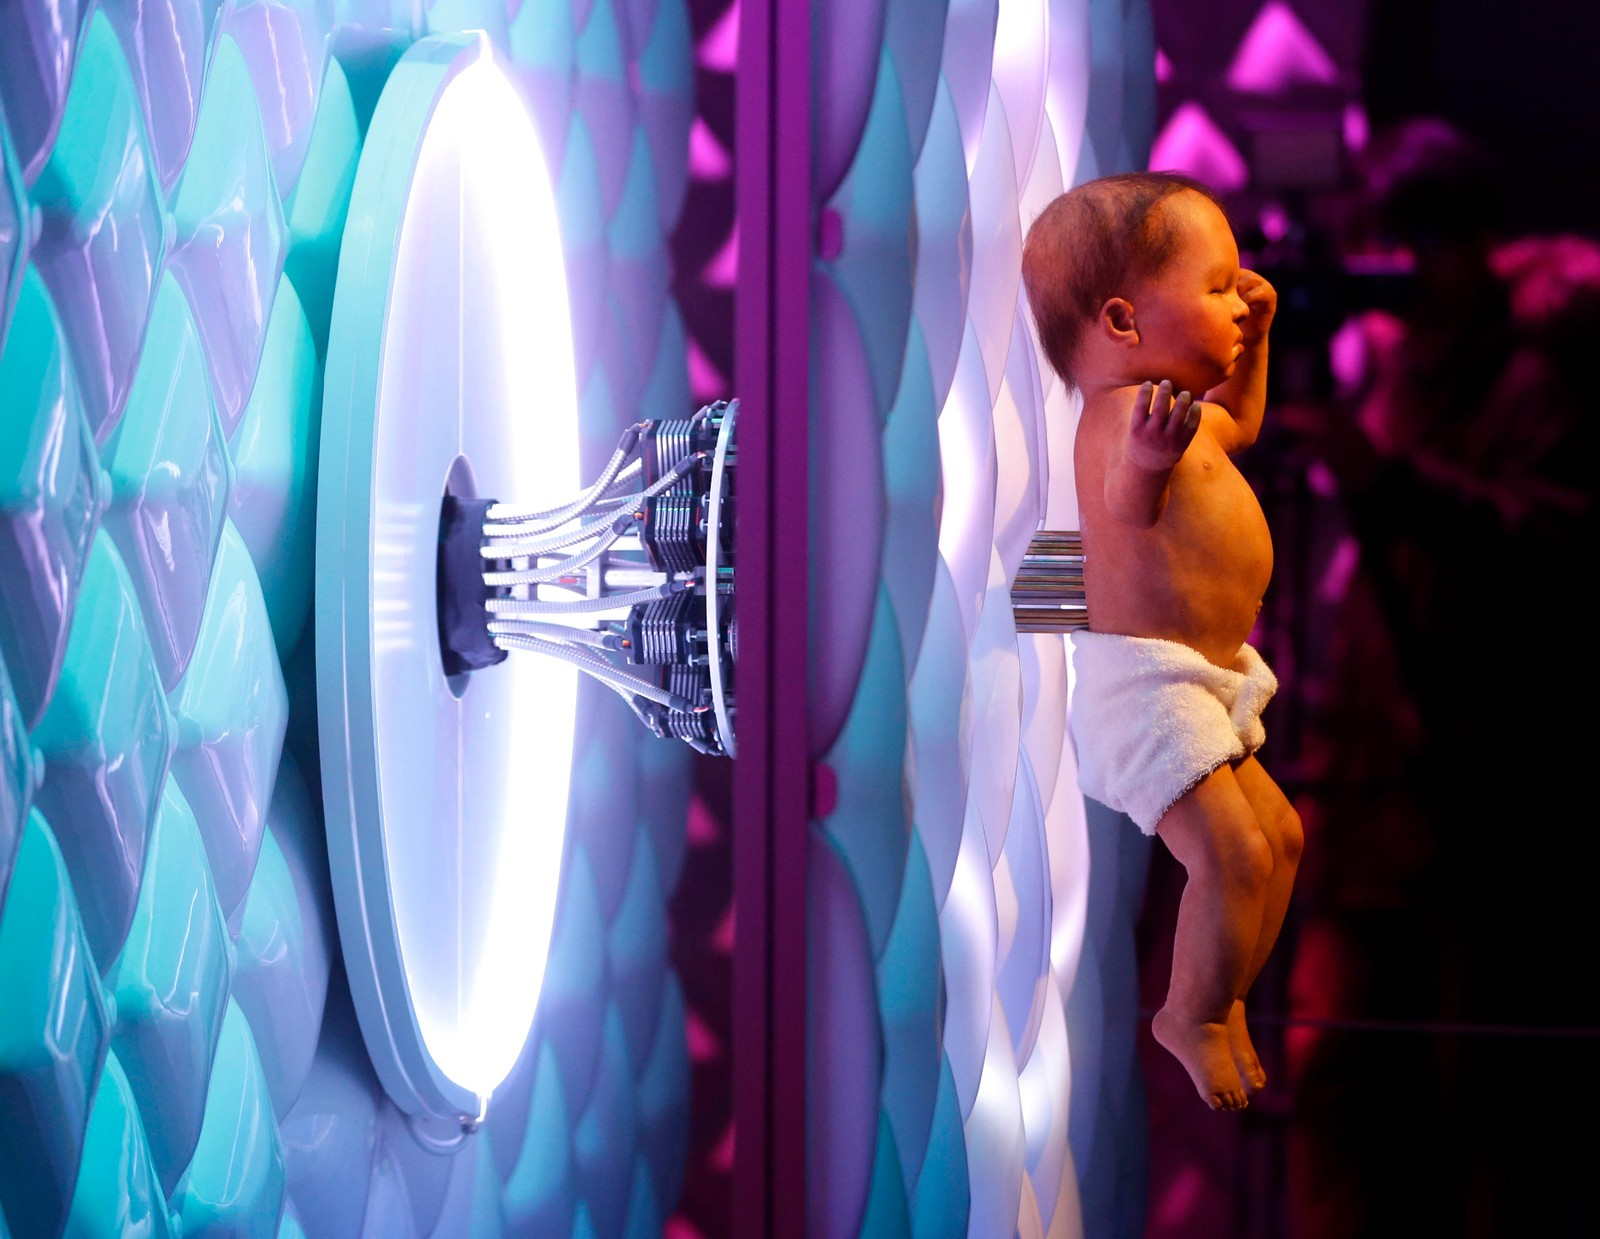 En animatronisk baby med en elektronisk navlestreng kan sees på robotutstillingen til The Science Museum i London. Her kan man se hvordan roboteknologien har utviklet seg de 500 siste årene.